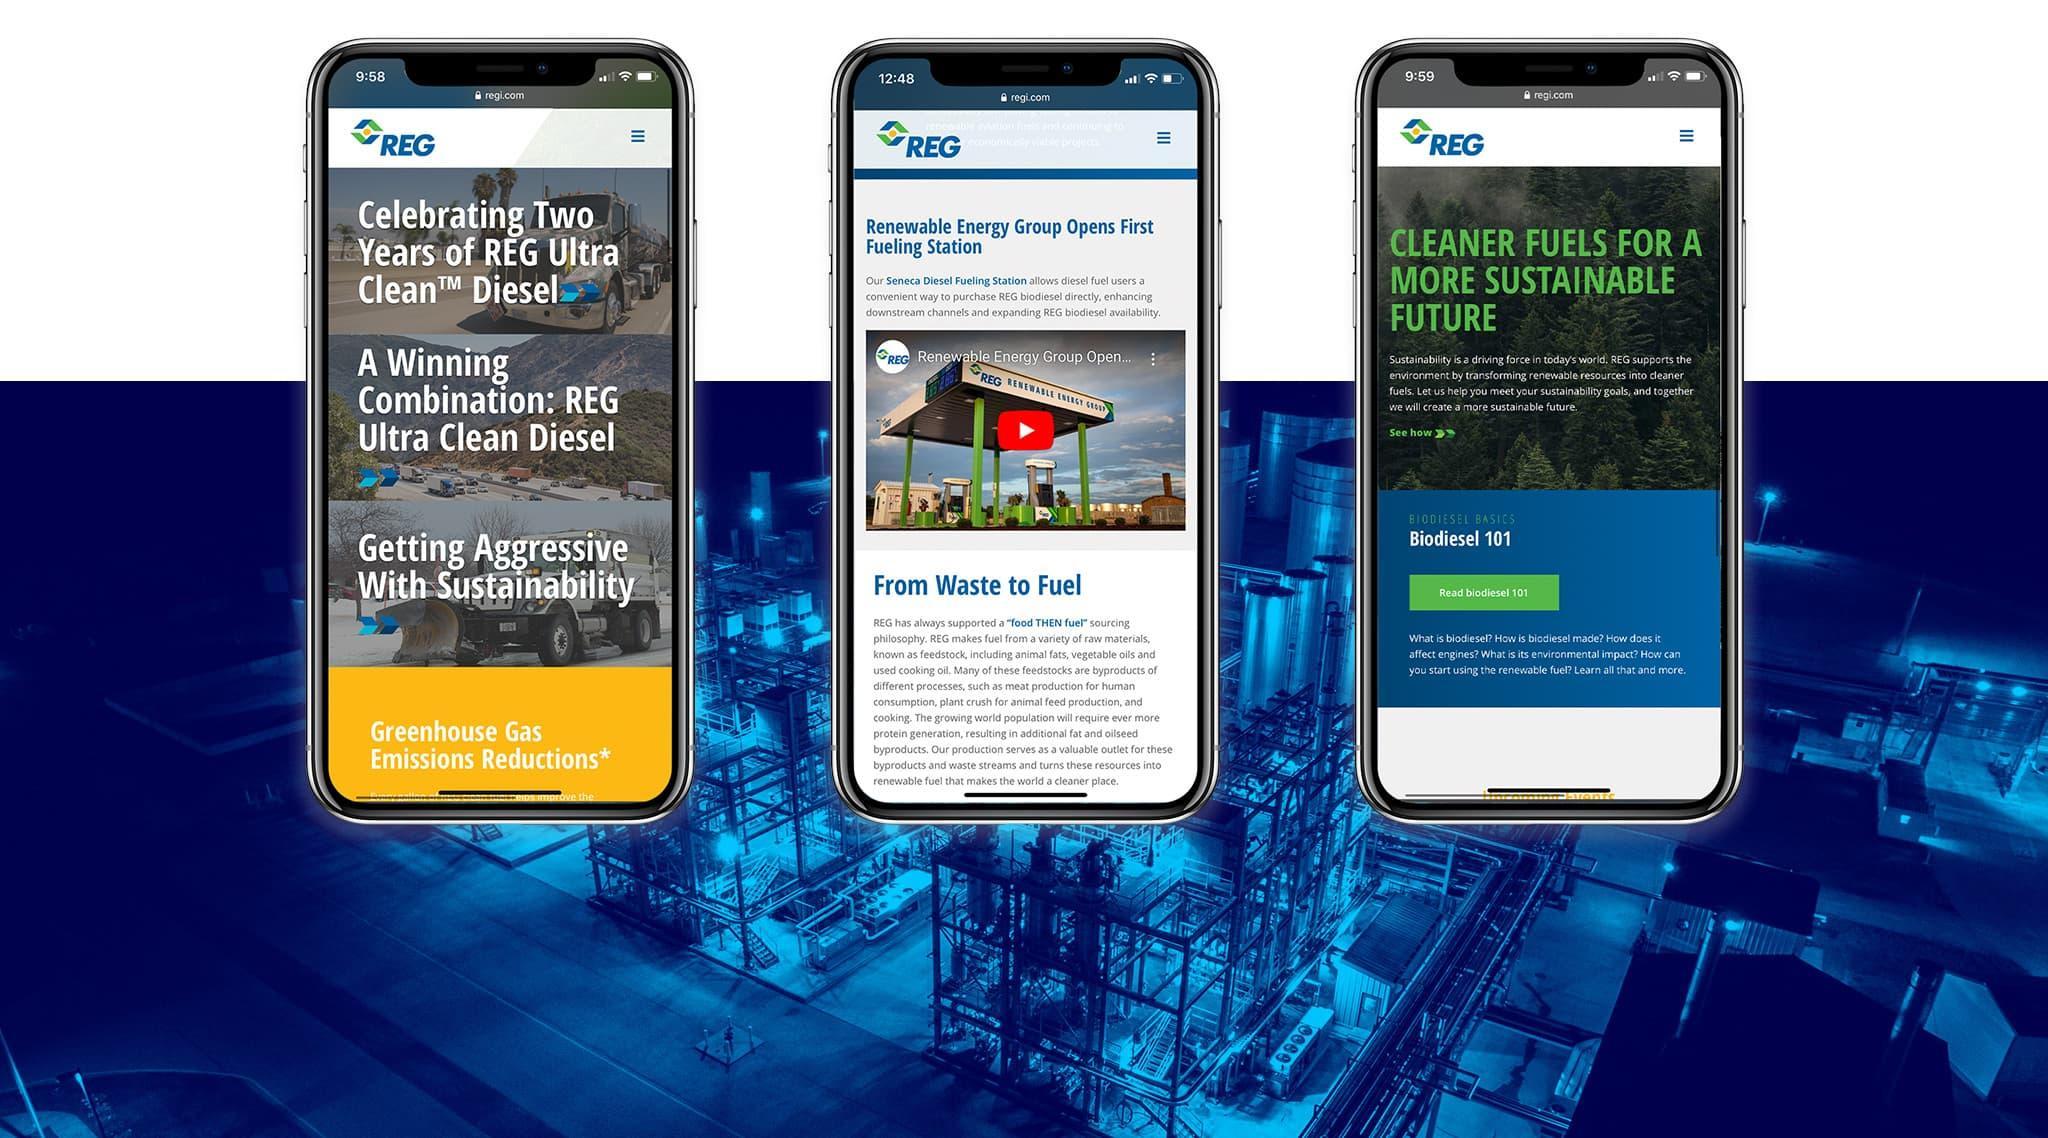 REG mobile website screen captures